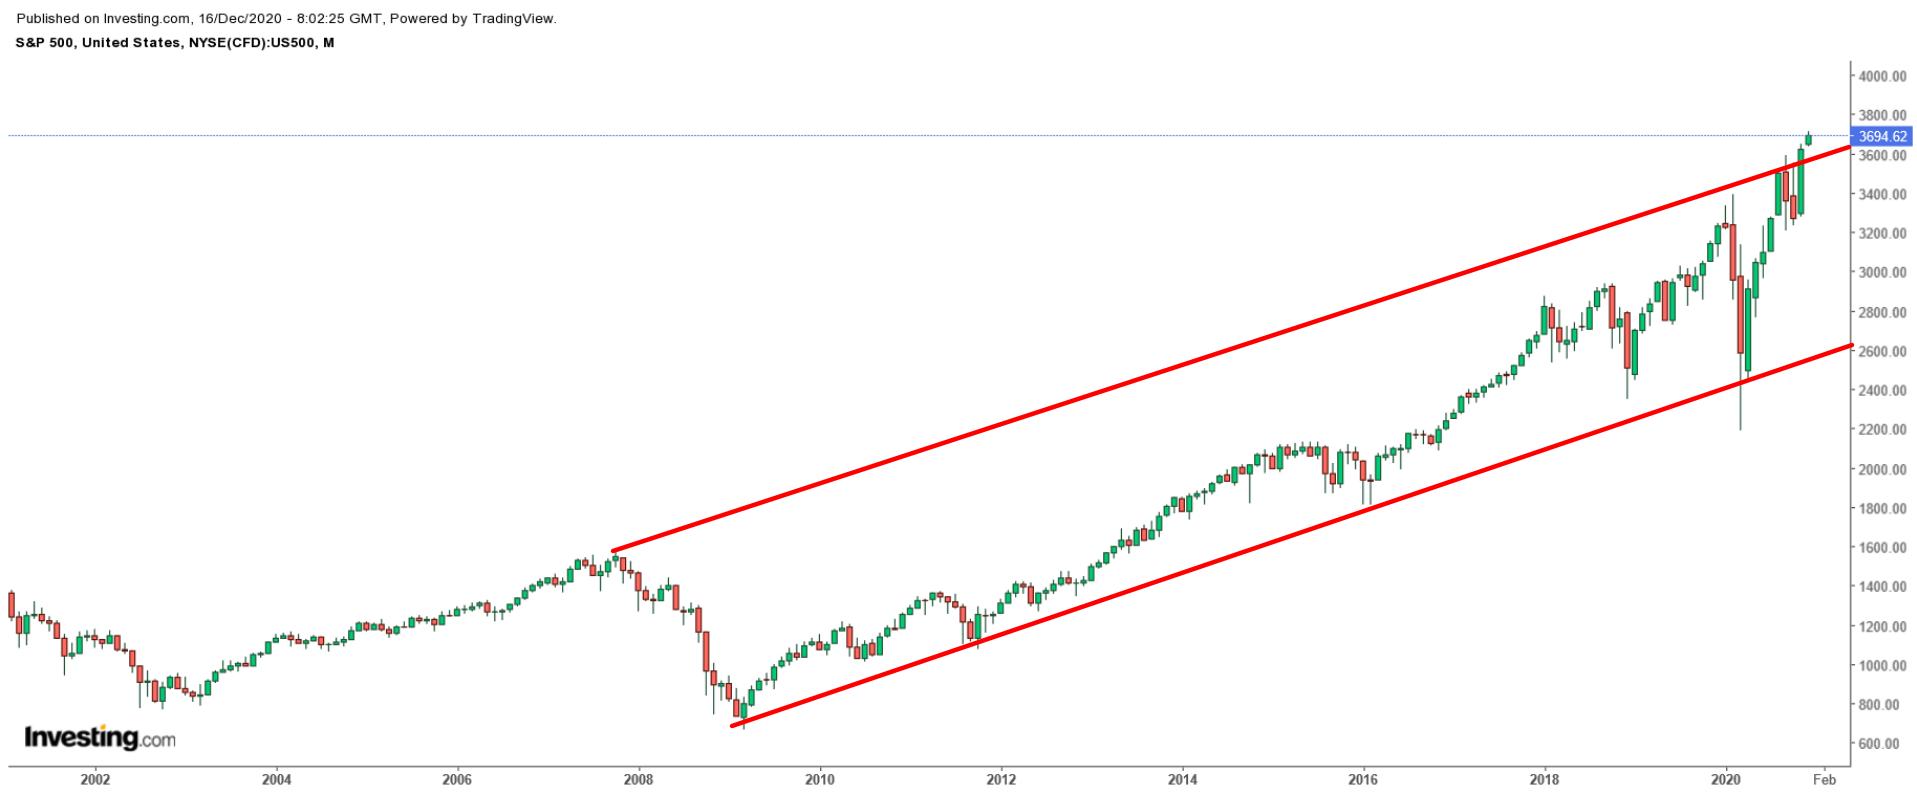 S&P 500: Месячный таймфрейм с 2000 по 2020 гг.